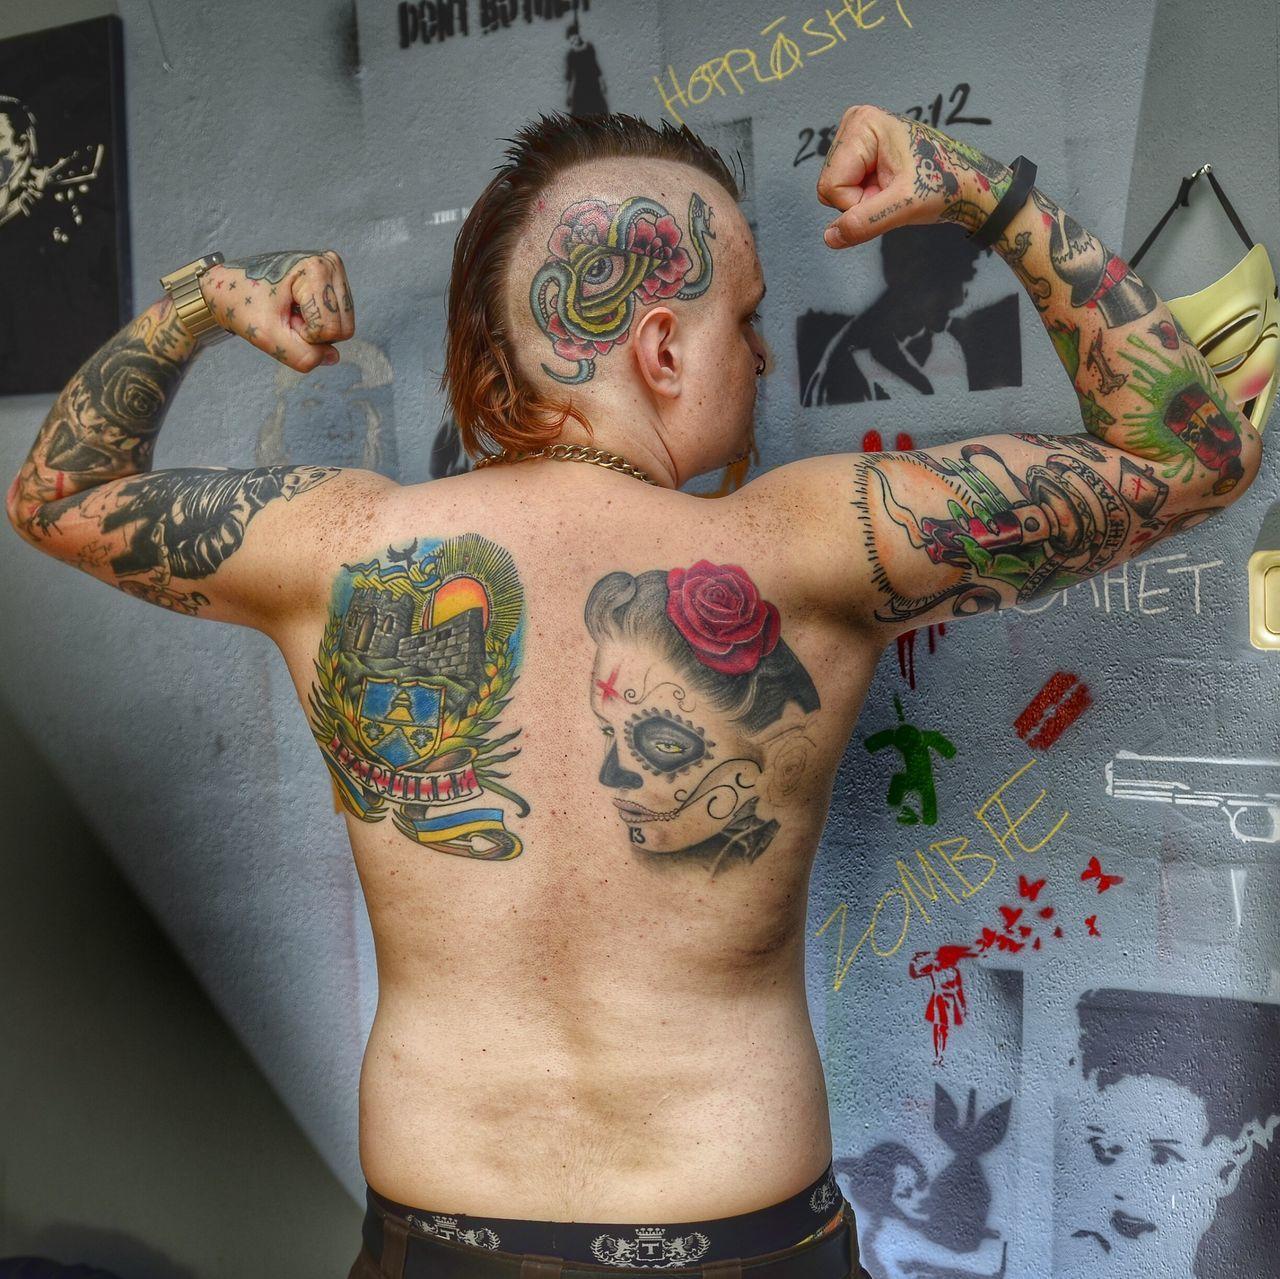 Kolla nu, alla tjejer som inte dejtar mig. Vem kan säga nej till dessa tatueringar? Date Forever Alone Smart Chick's Don't Dig Tattoos Partille